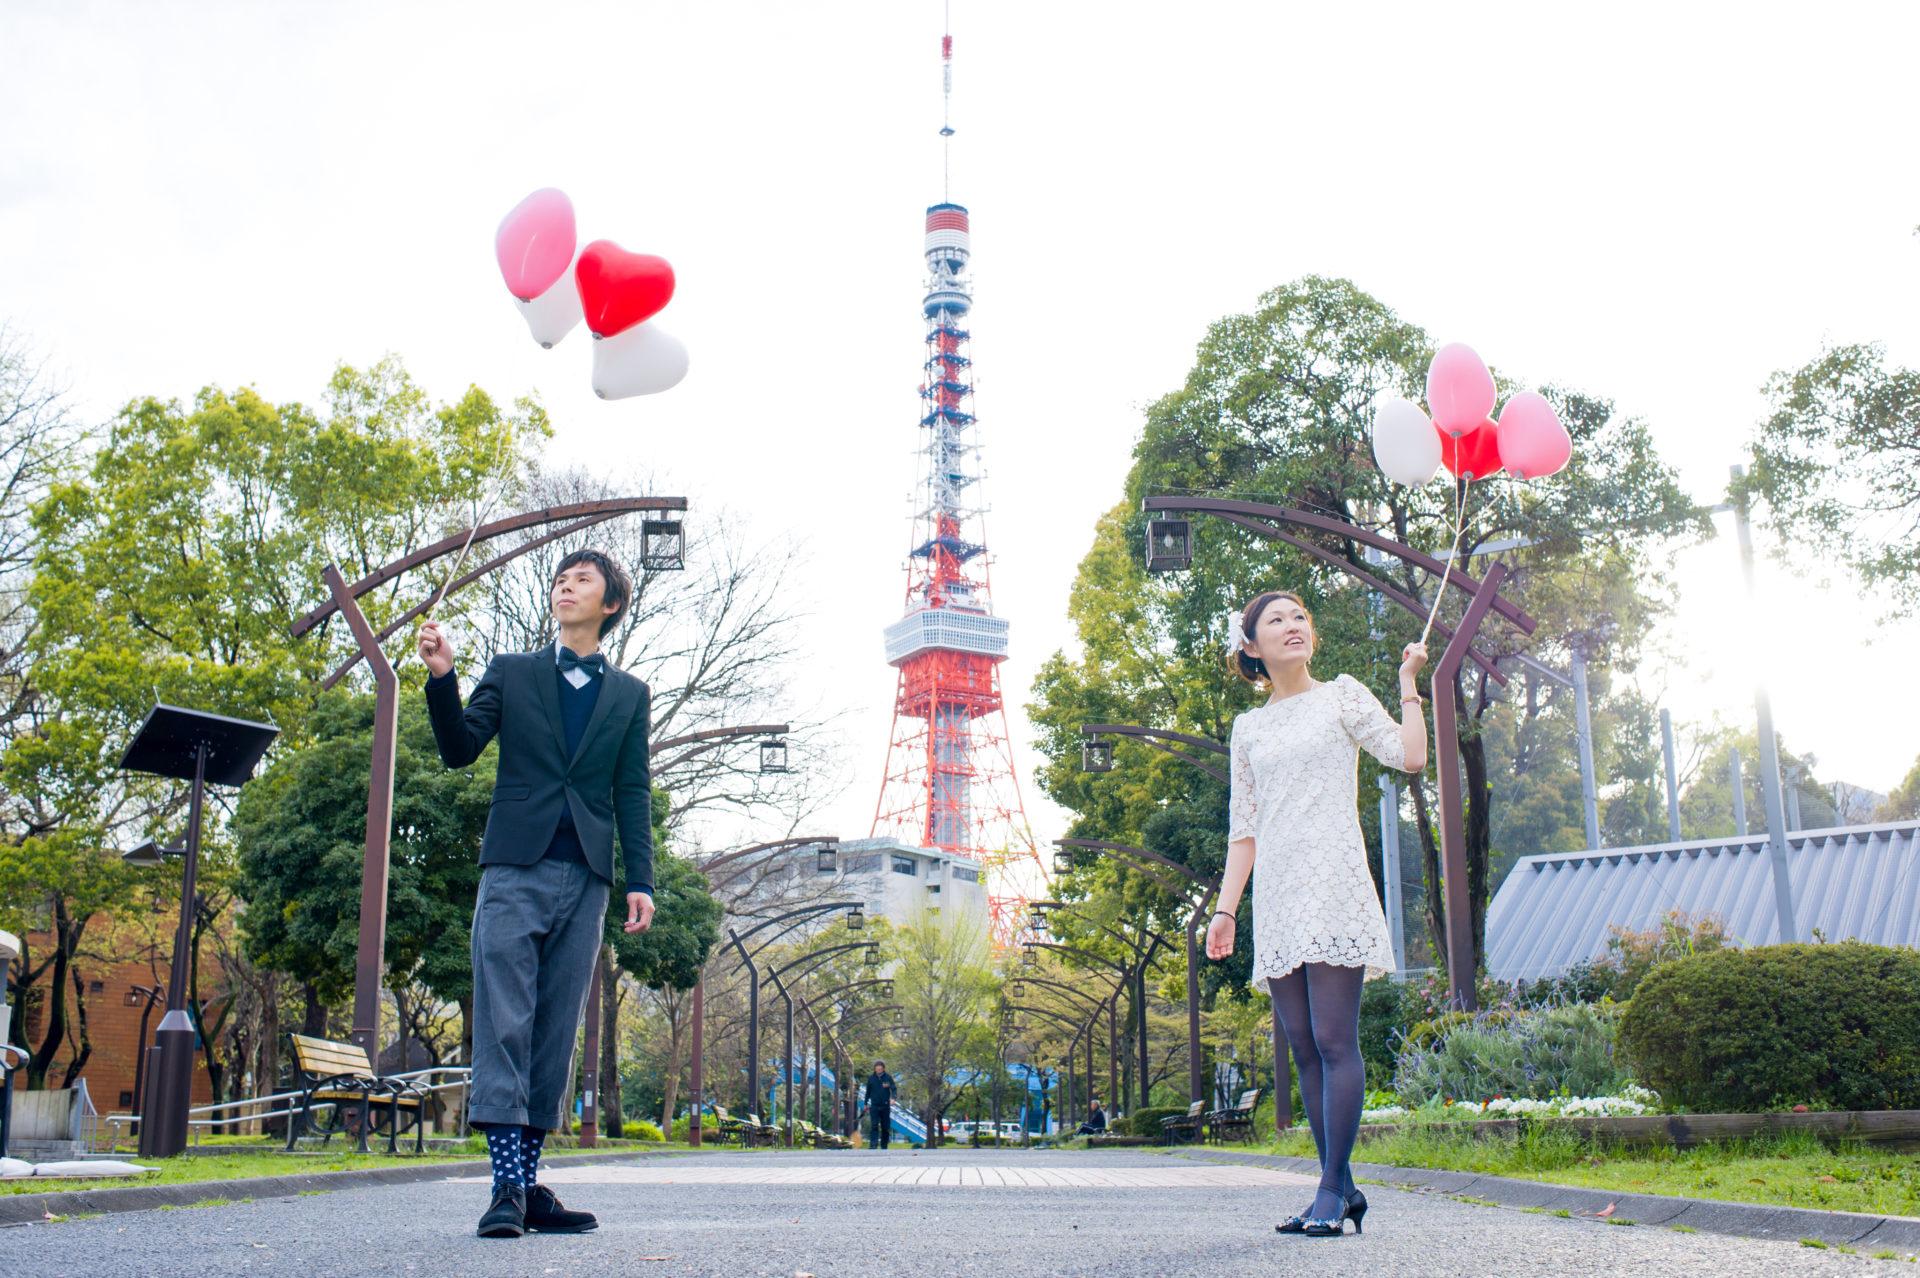 東京タワーを背景に御成門より撮影風船あり